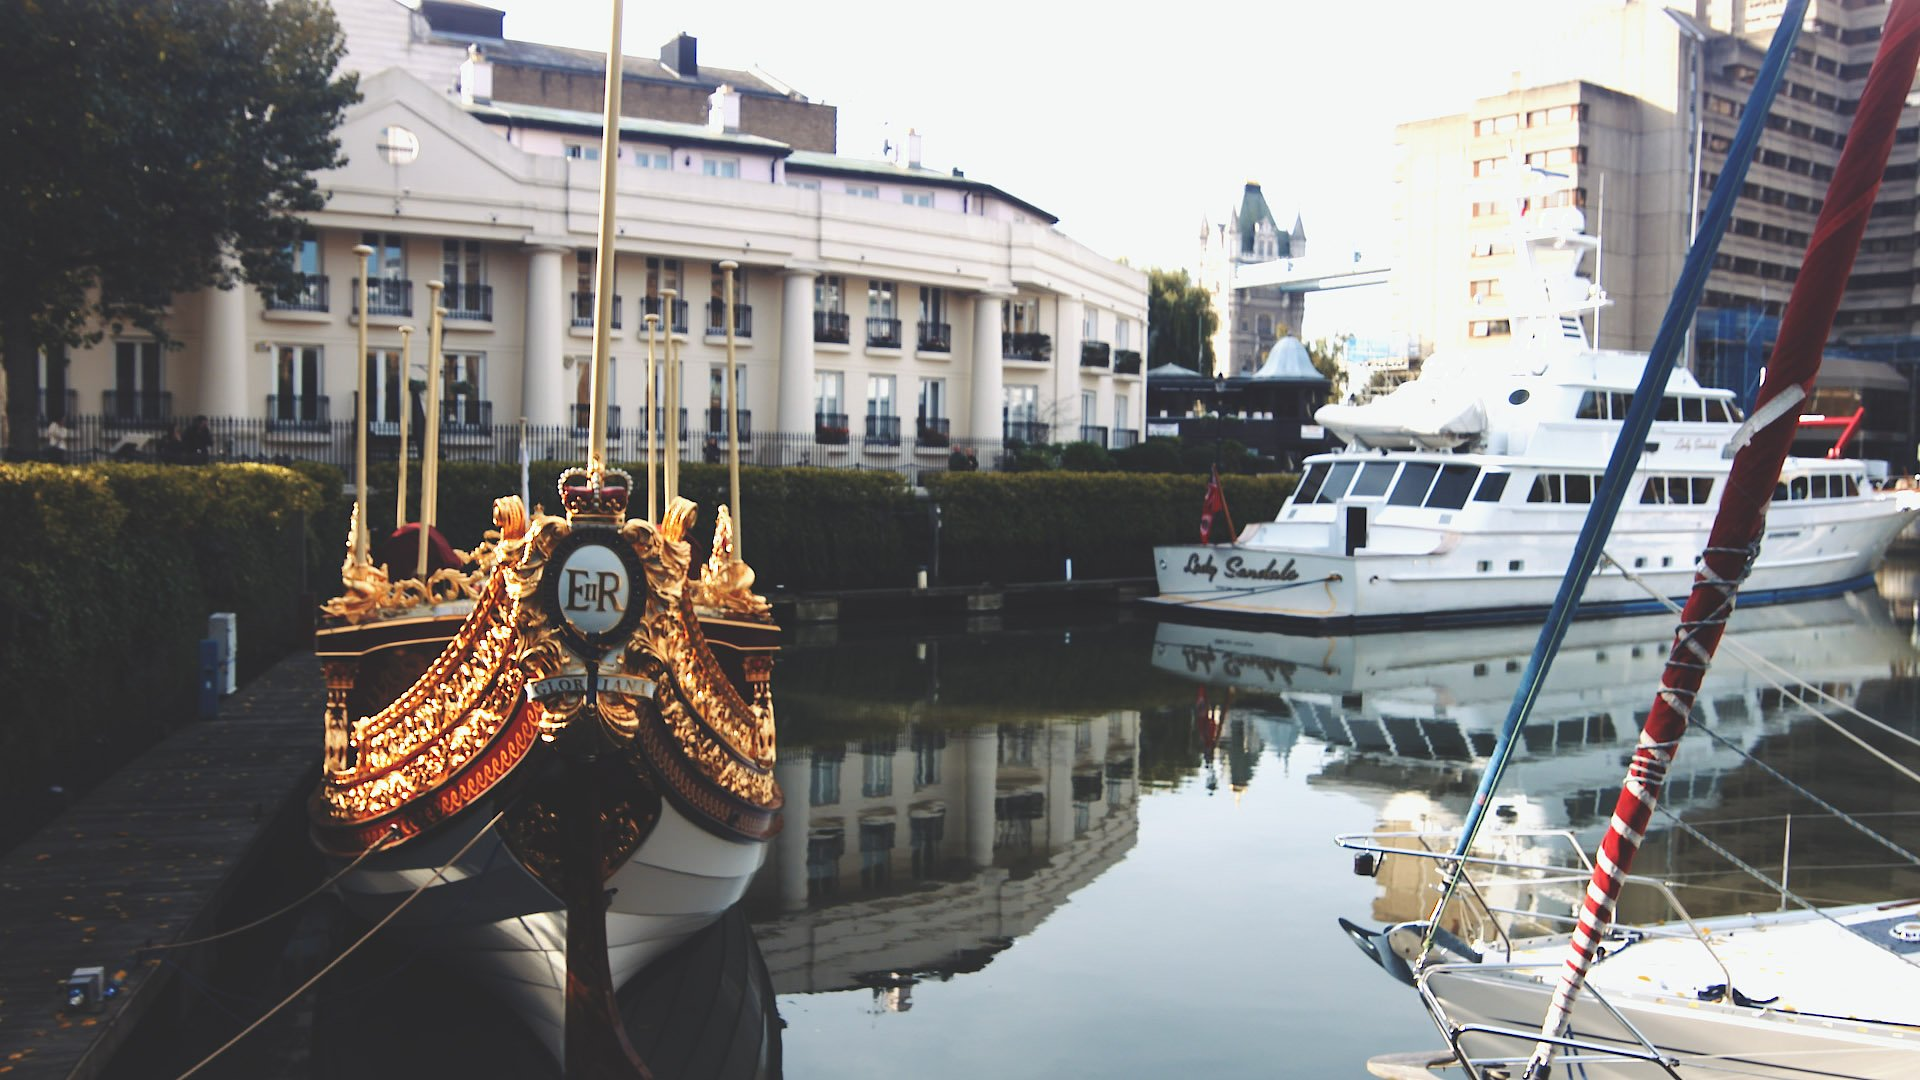 Royal Boat in St. Katherine Docks, London